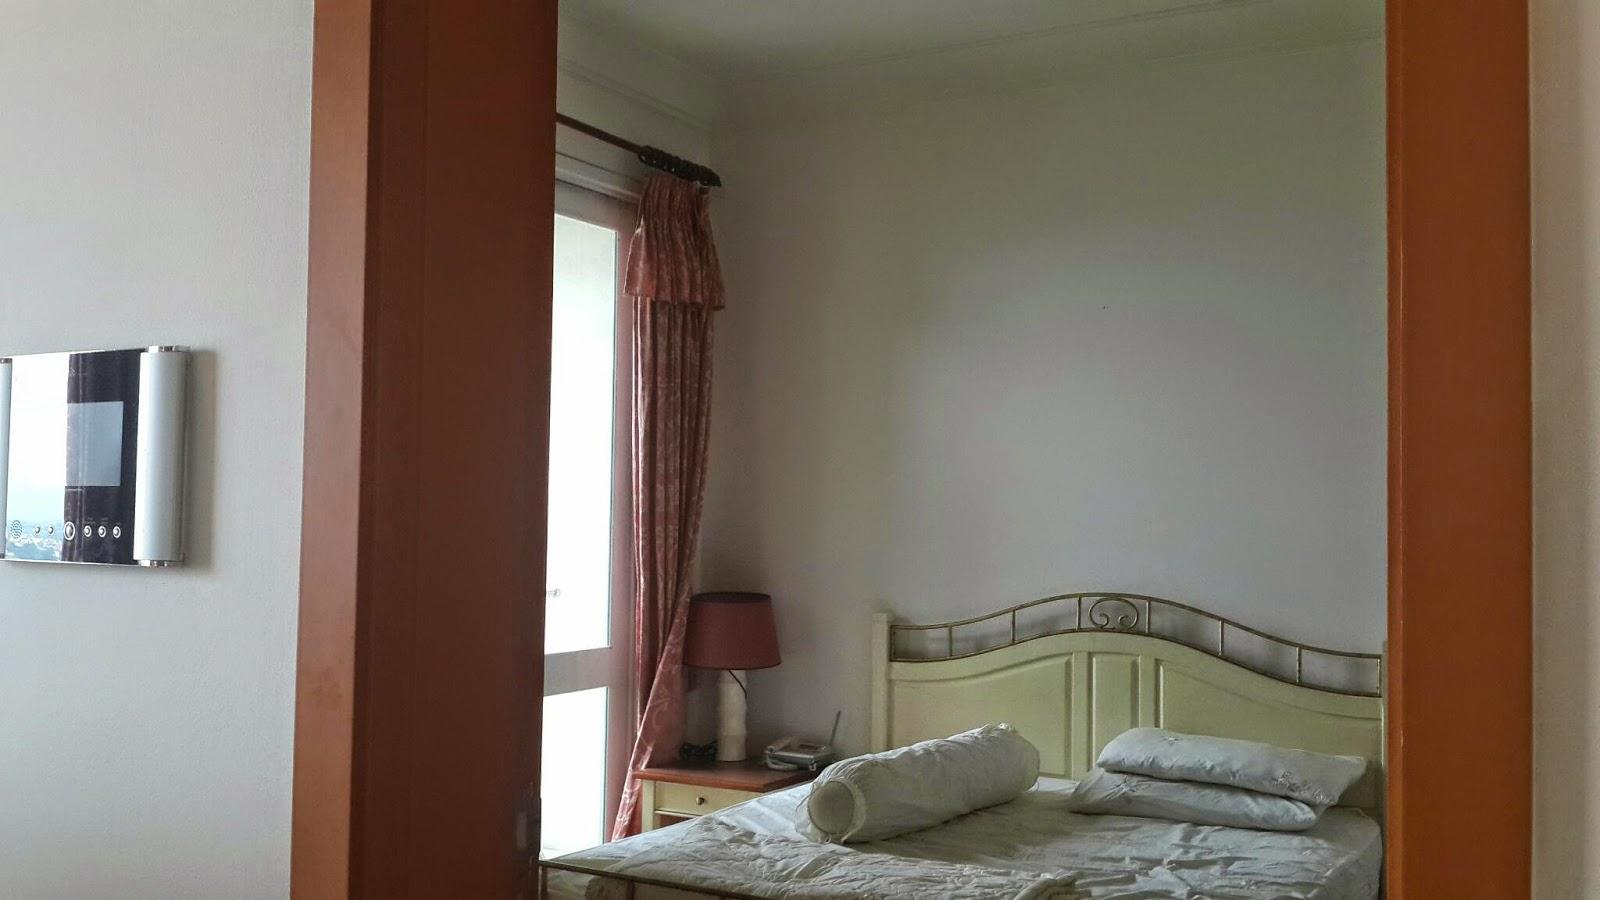 Eke interior design thi t k n i th t c n h b the manor q1 for Eke interior design